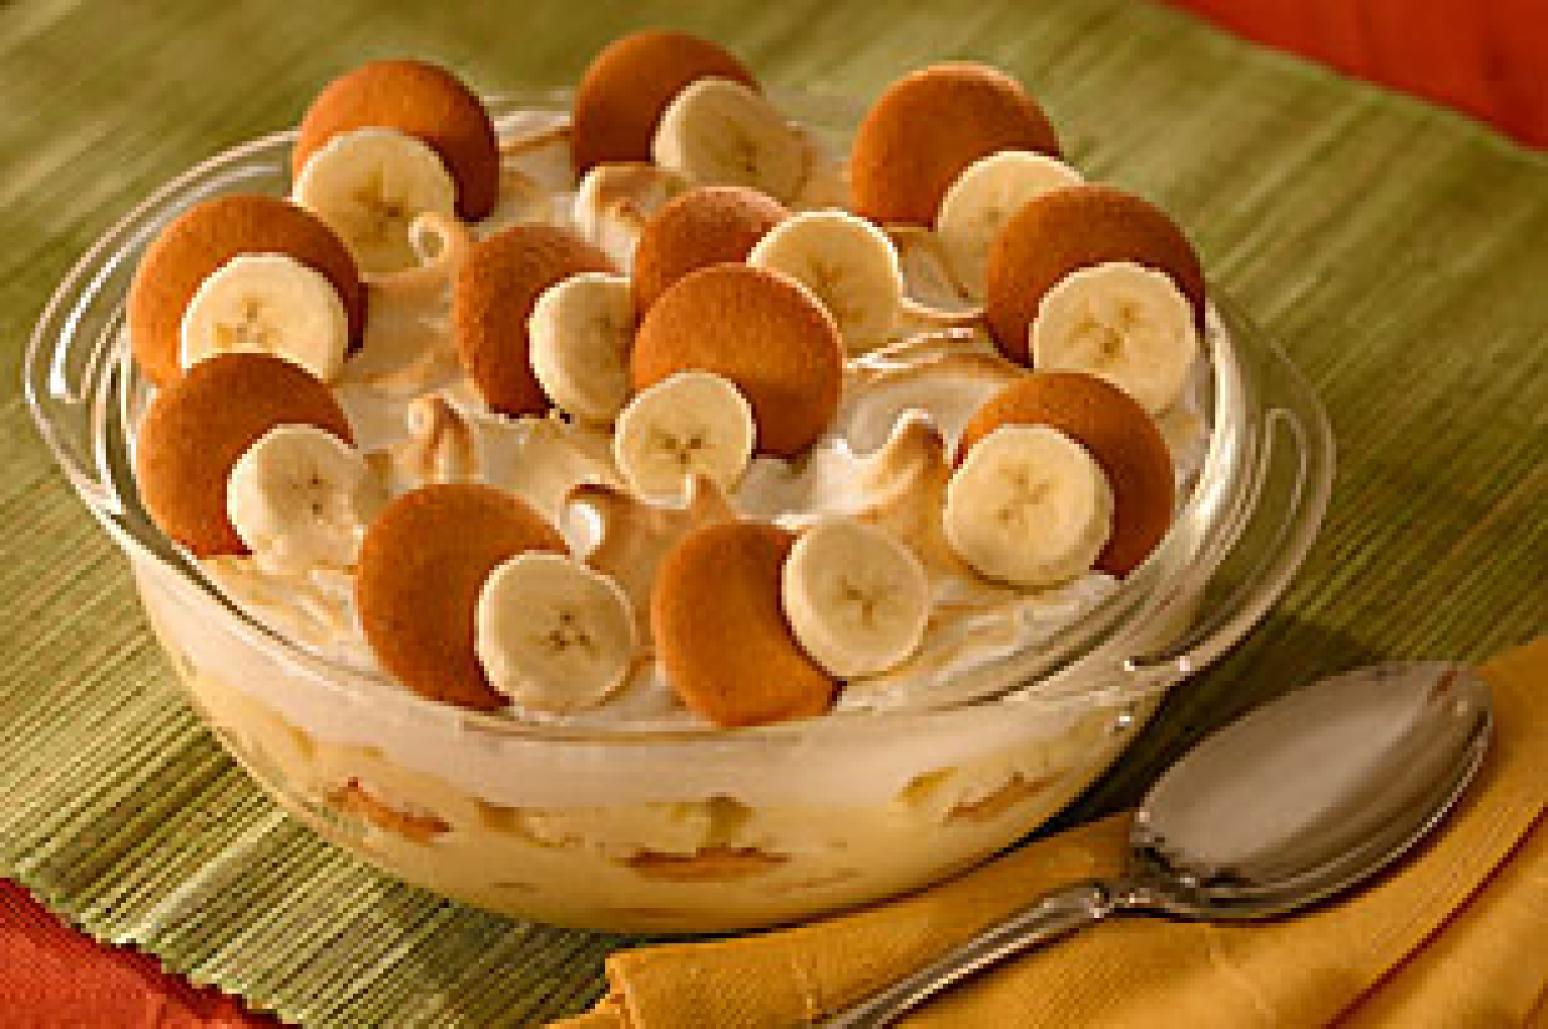 Original NILLA Banana Pudding Recipe | Just A Pinch Recipes